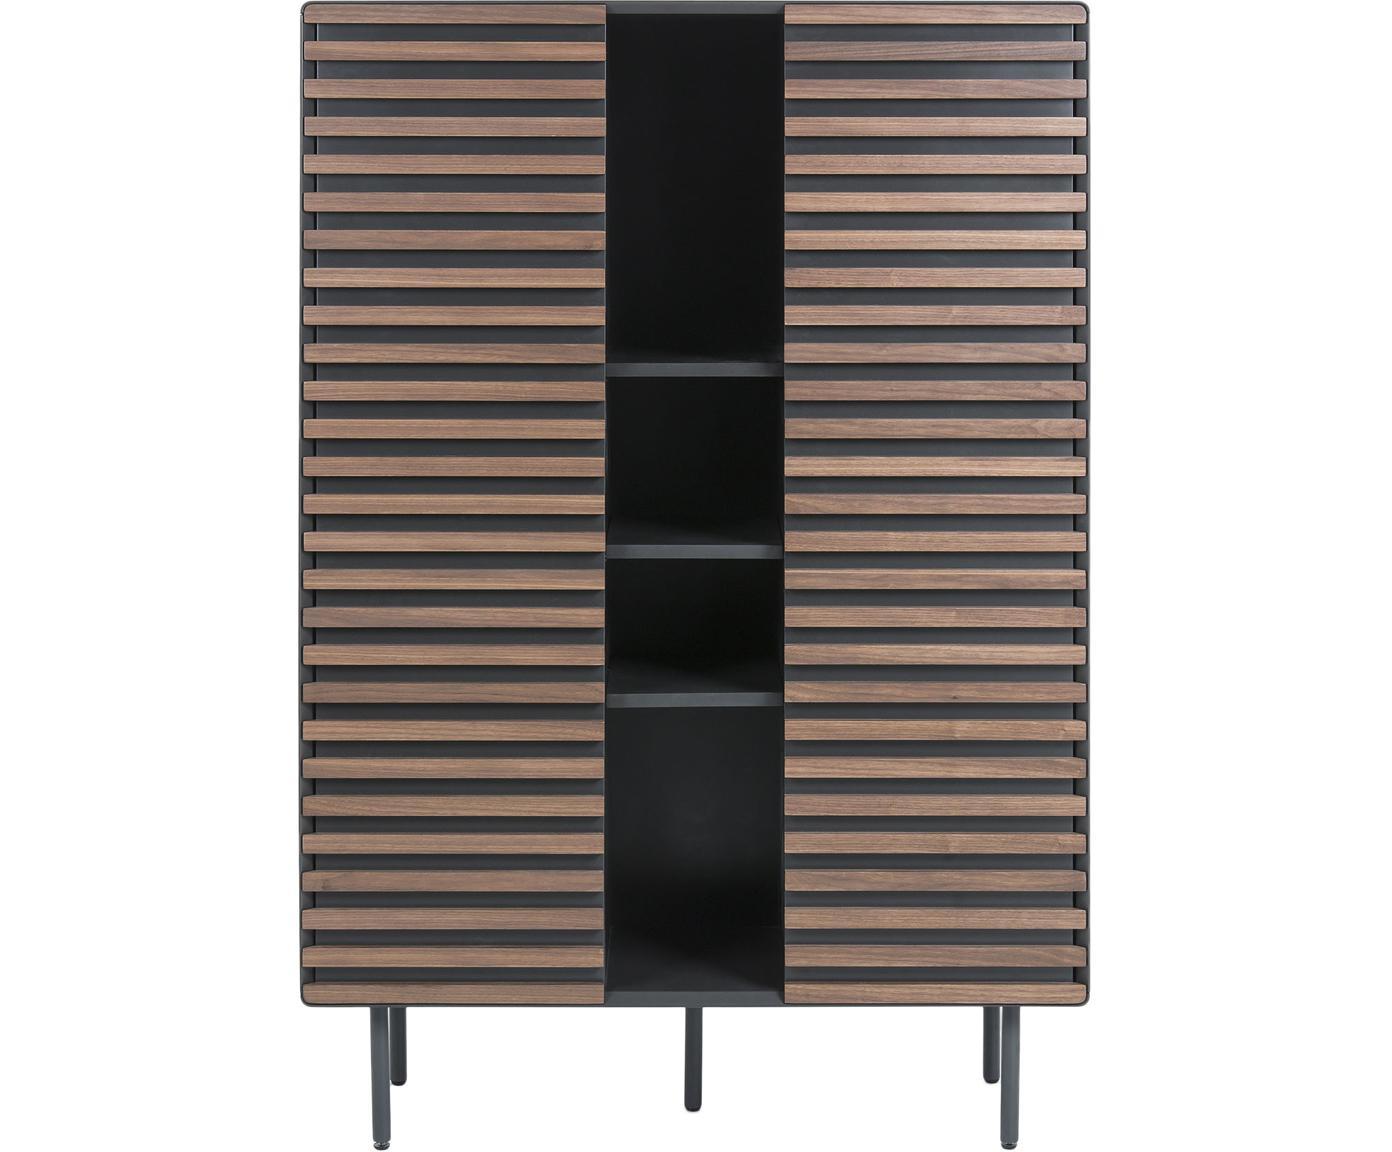 Wysoka komoda Kesia, Korpus: płyta pilśniowa średniej , Nogi: metal lakierowany, Czarny, drewno orzecha włoskiego, S 105 x W 155 cm